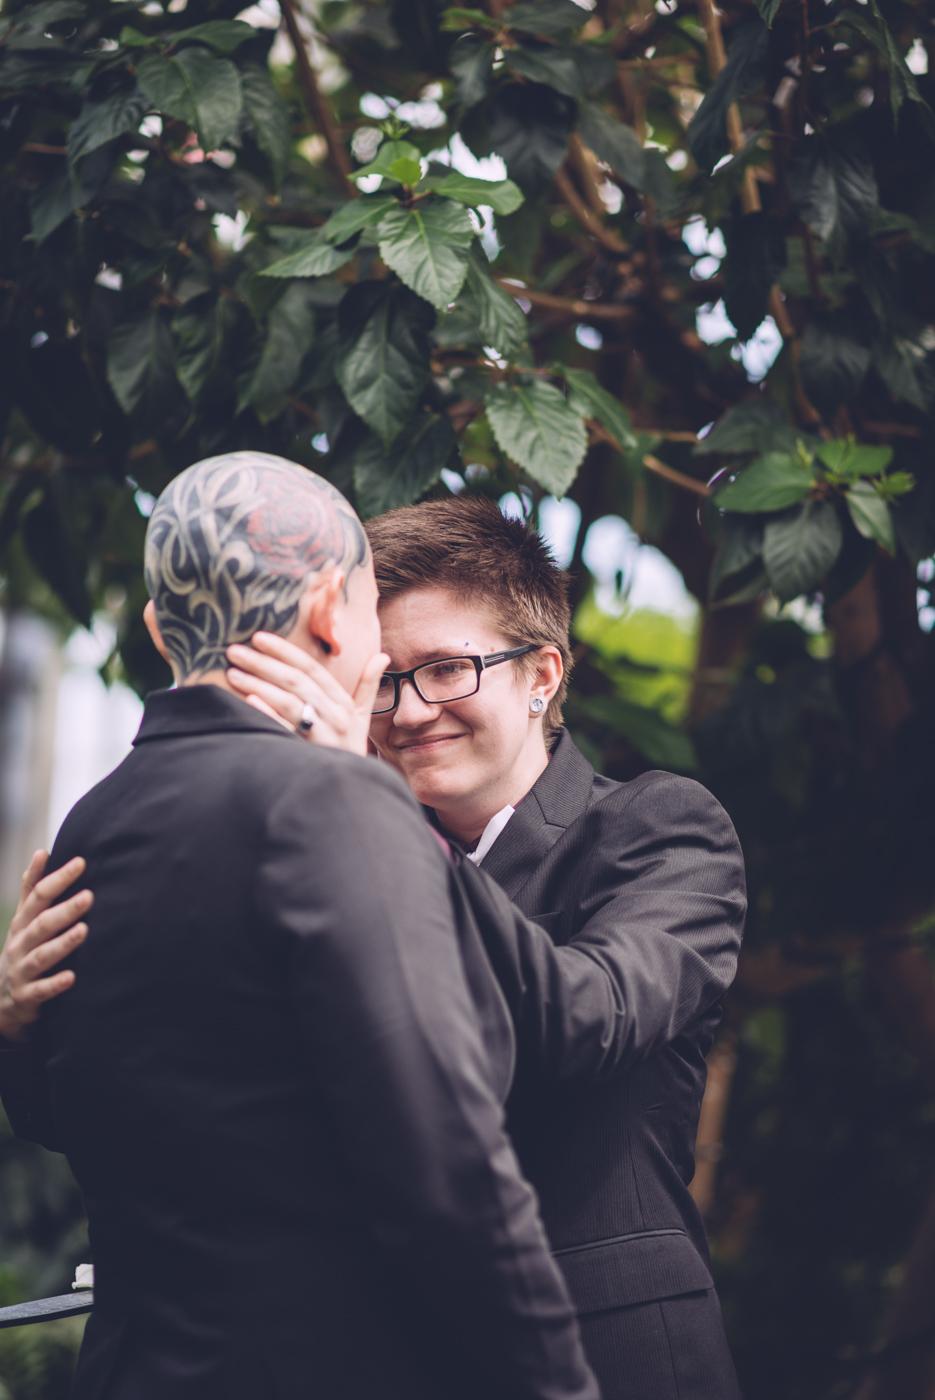 marilynn_robbi_wedding_blog28.jpg